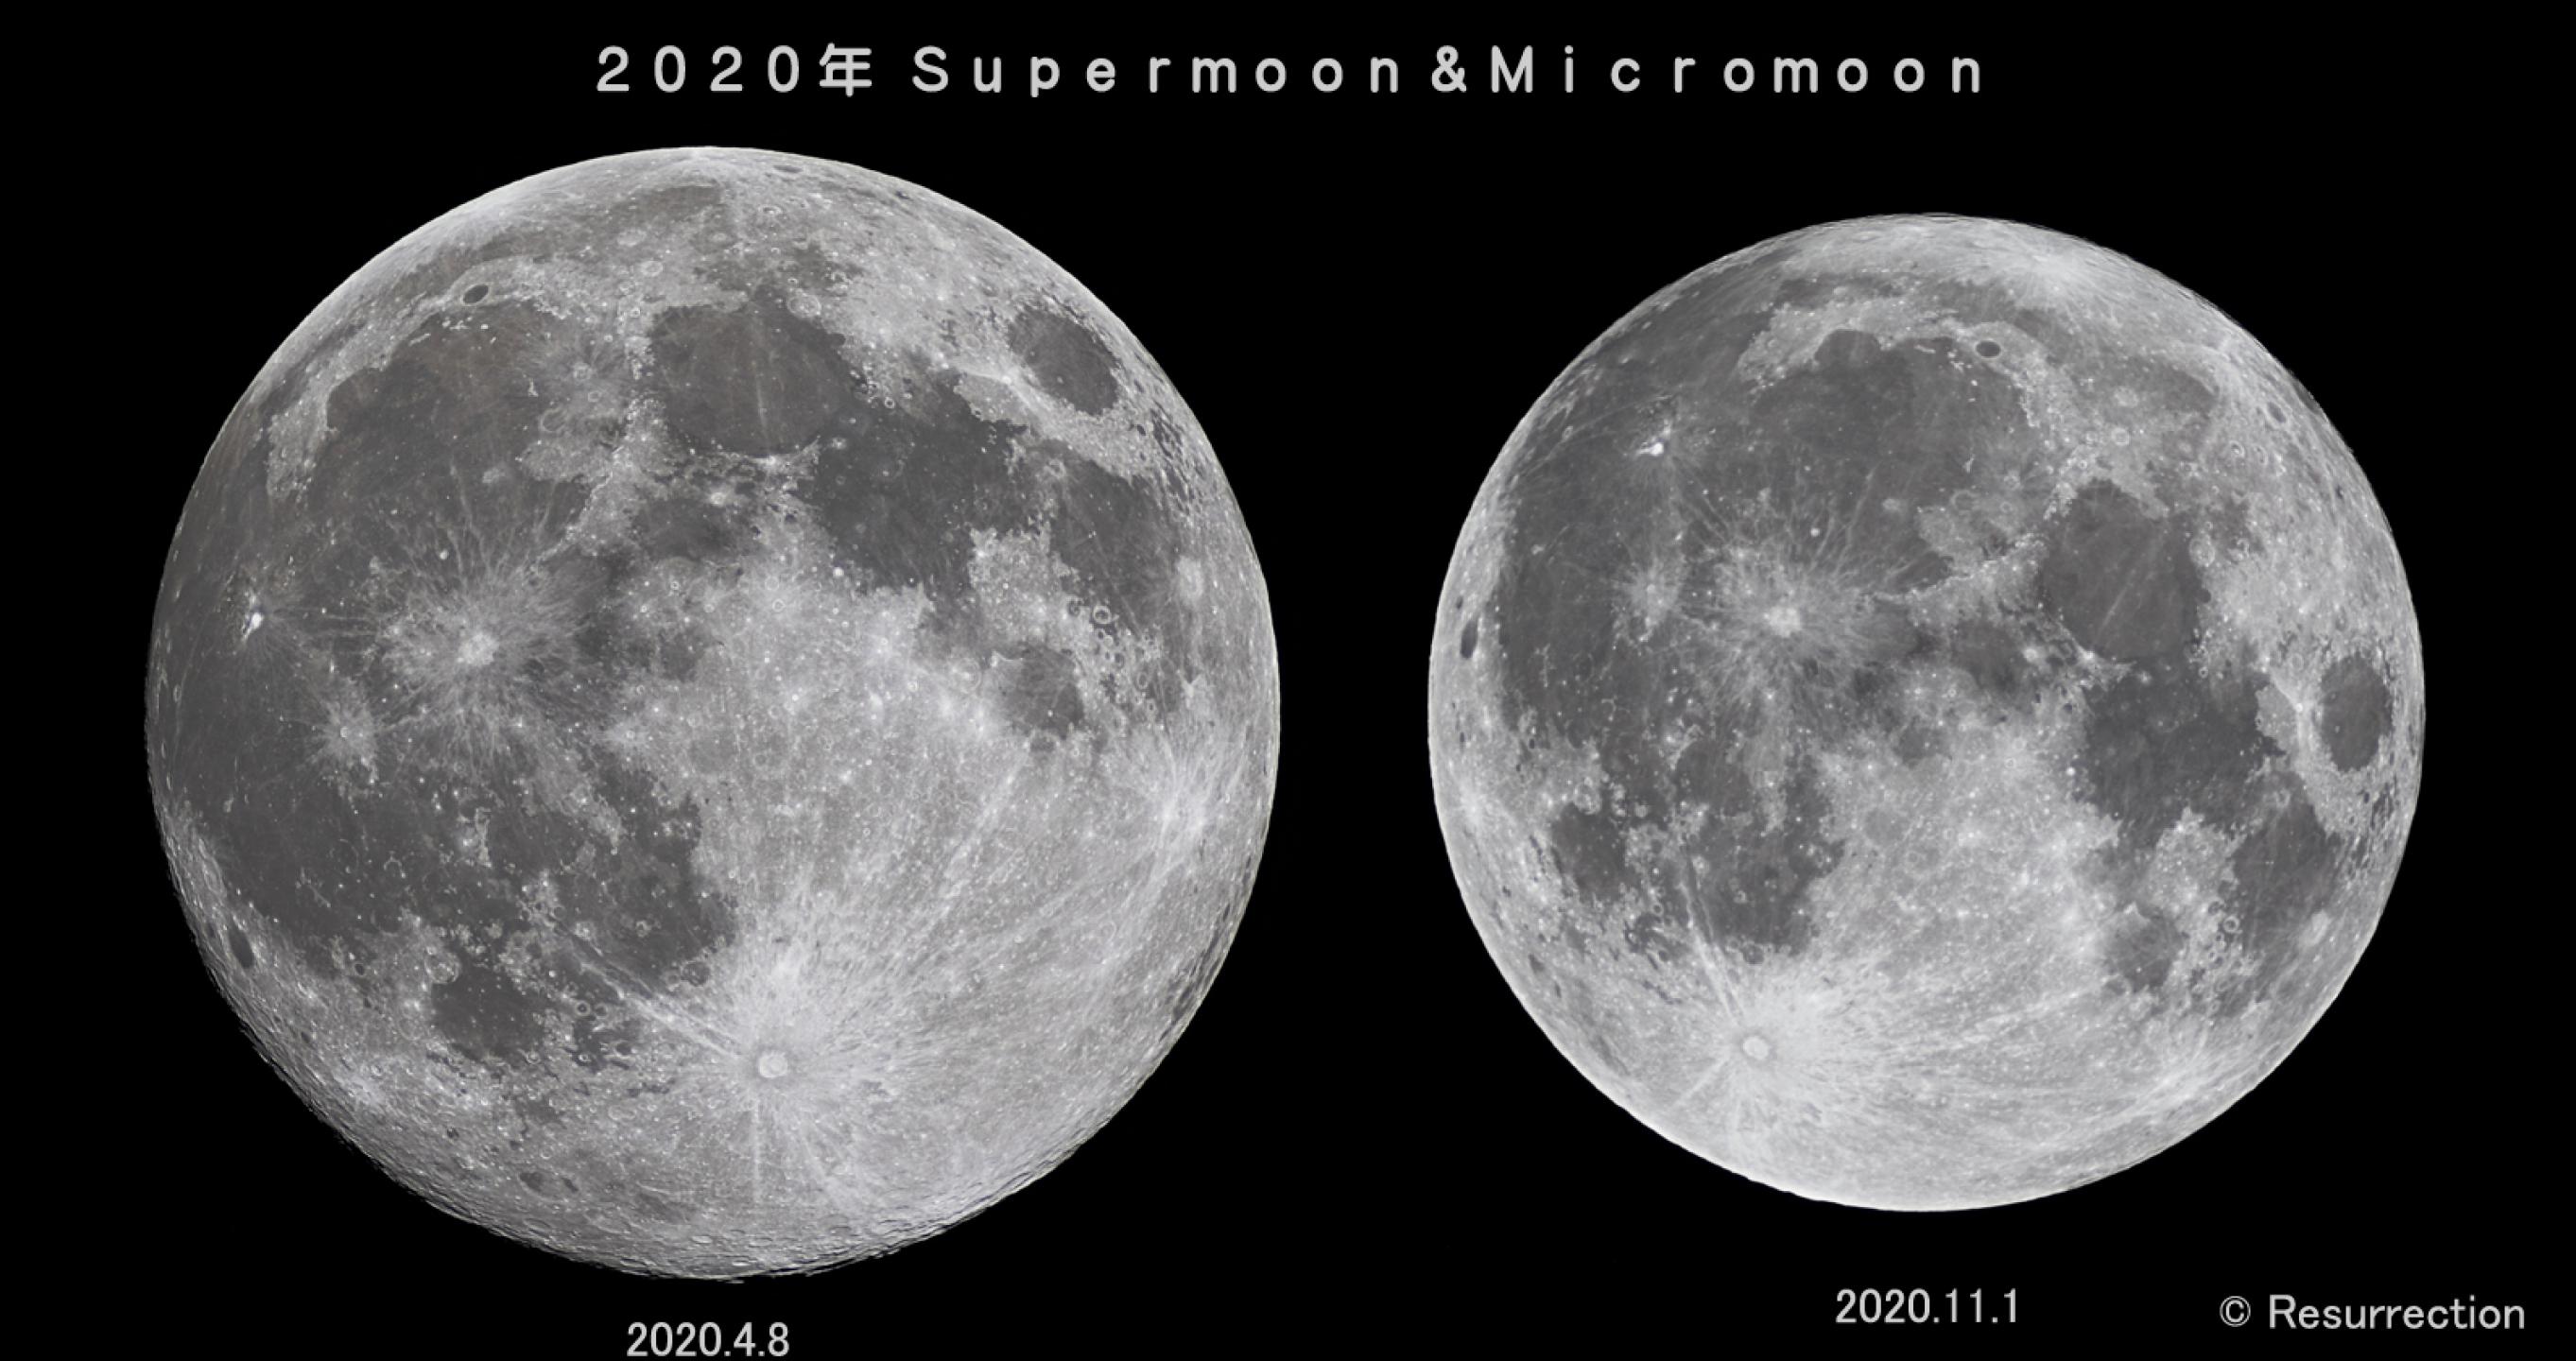 66097: 2020年 スーパームーン&マイクロムーン by Resurrection - 天体写真ギャラリー